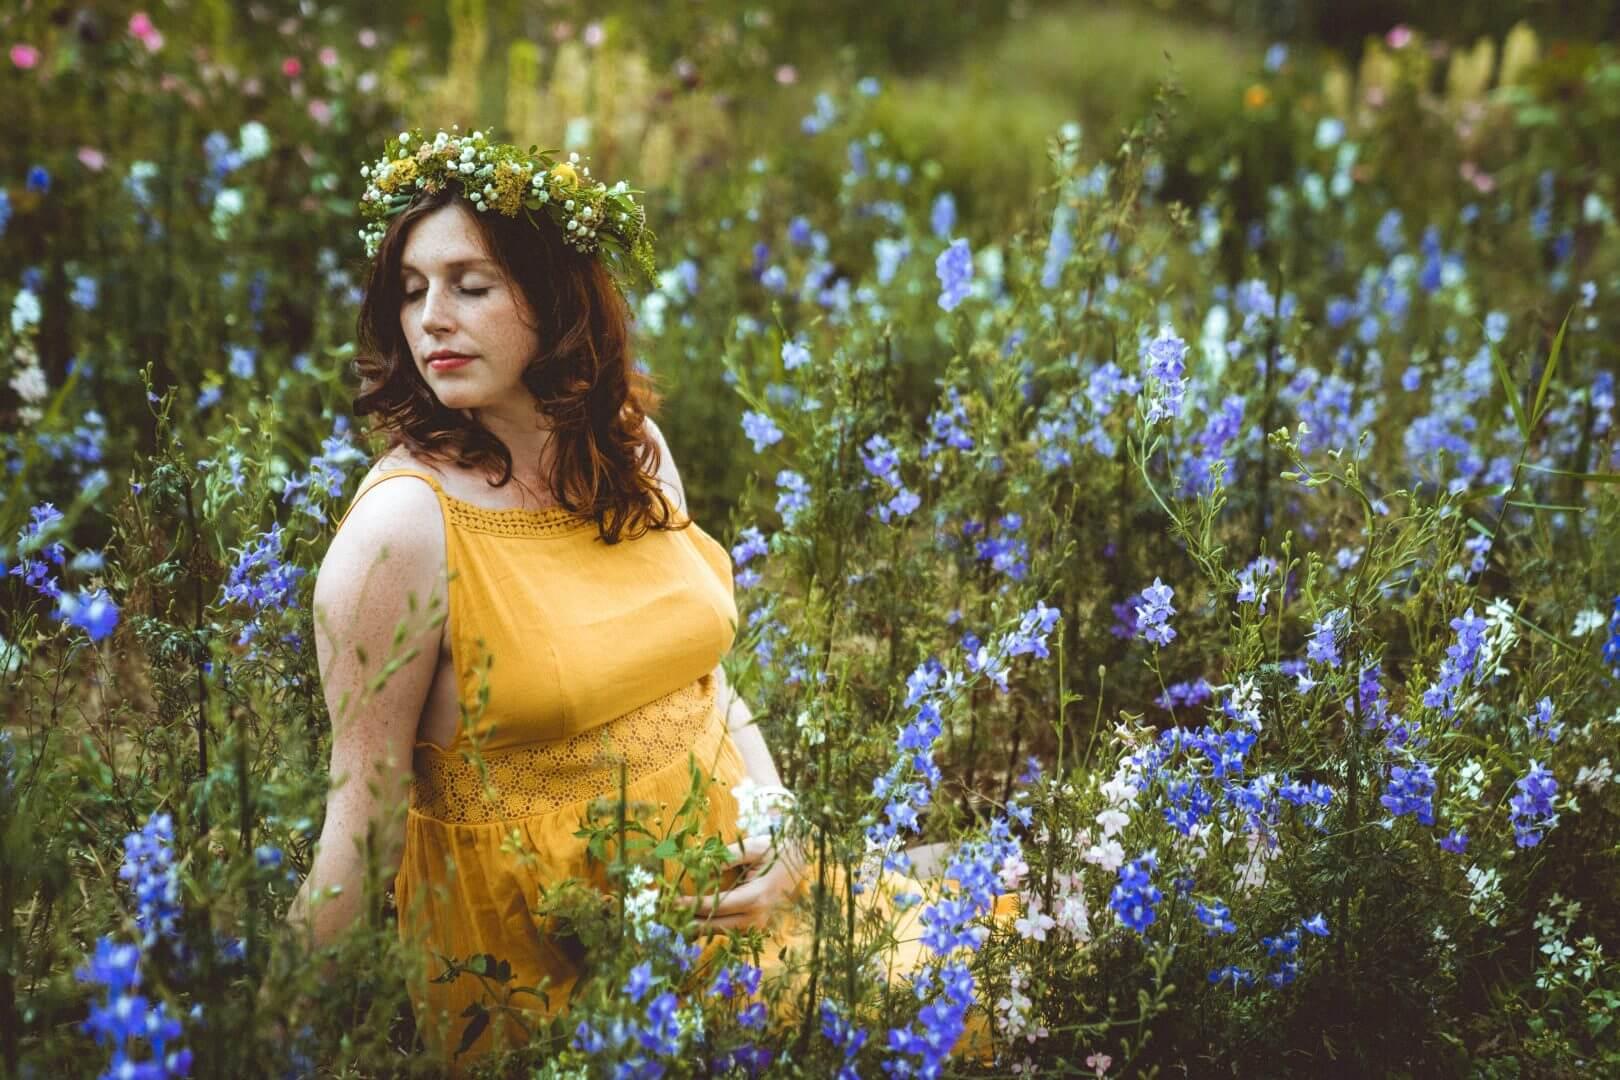 Schwangere in gelbem Kleid sitzt in blauen Blumenfeld